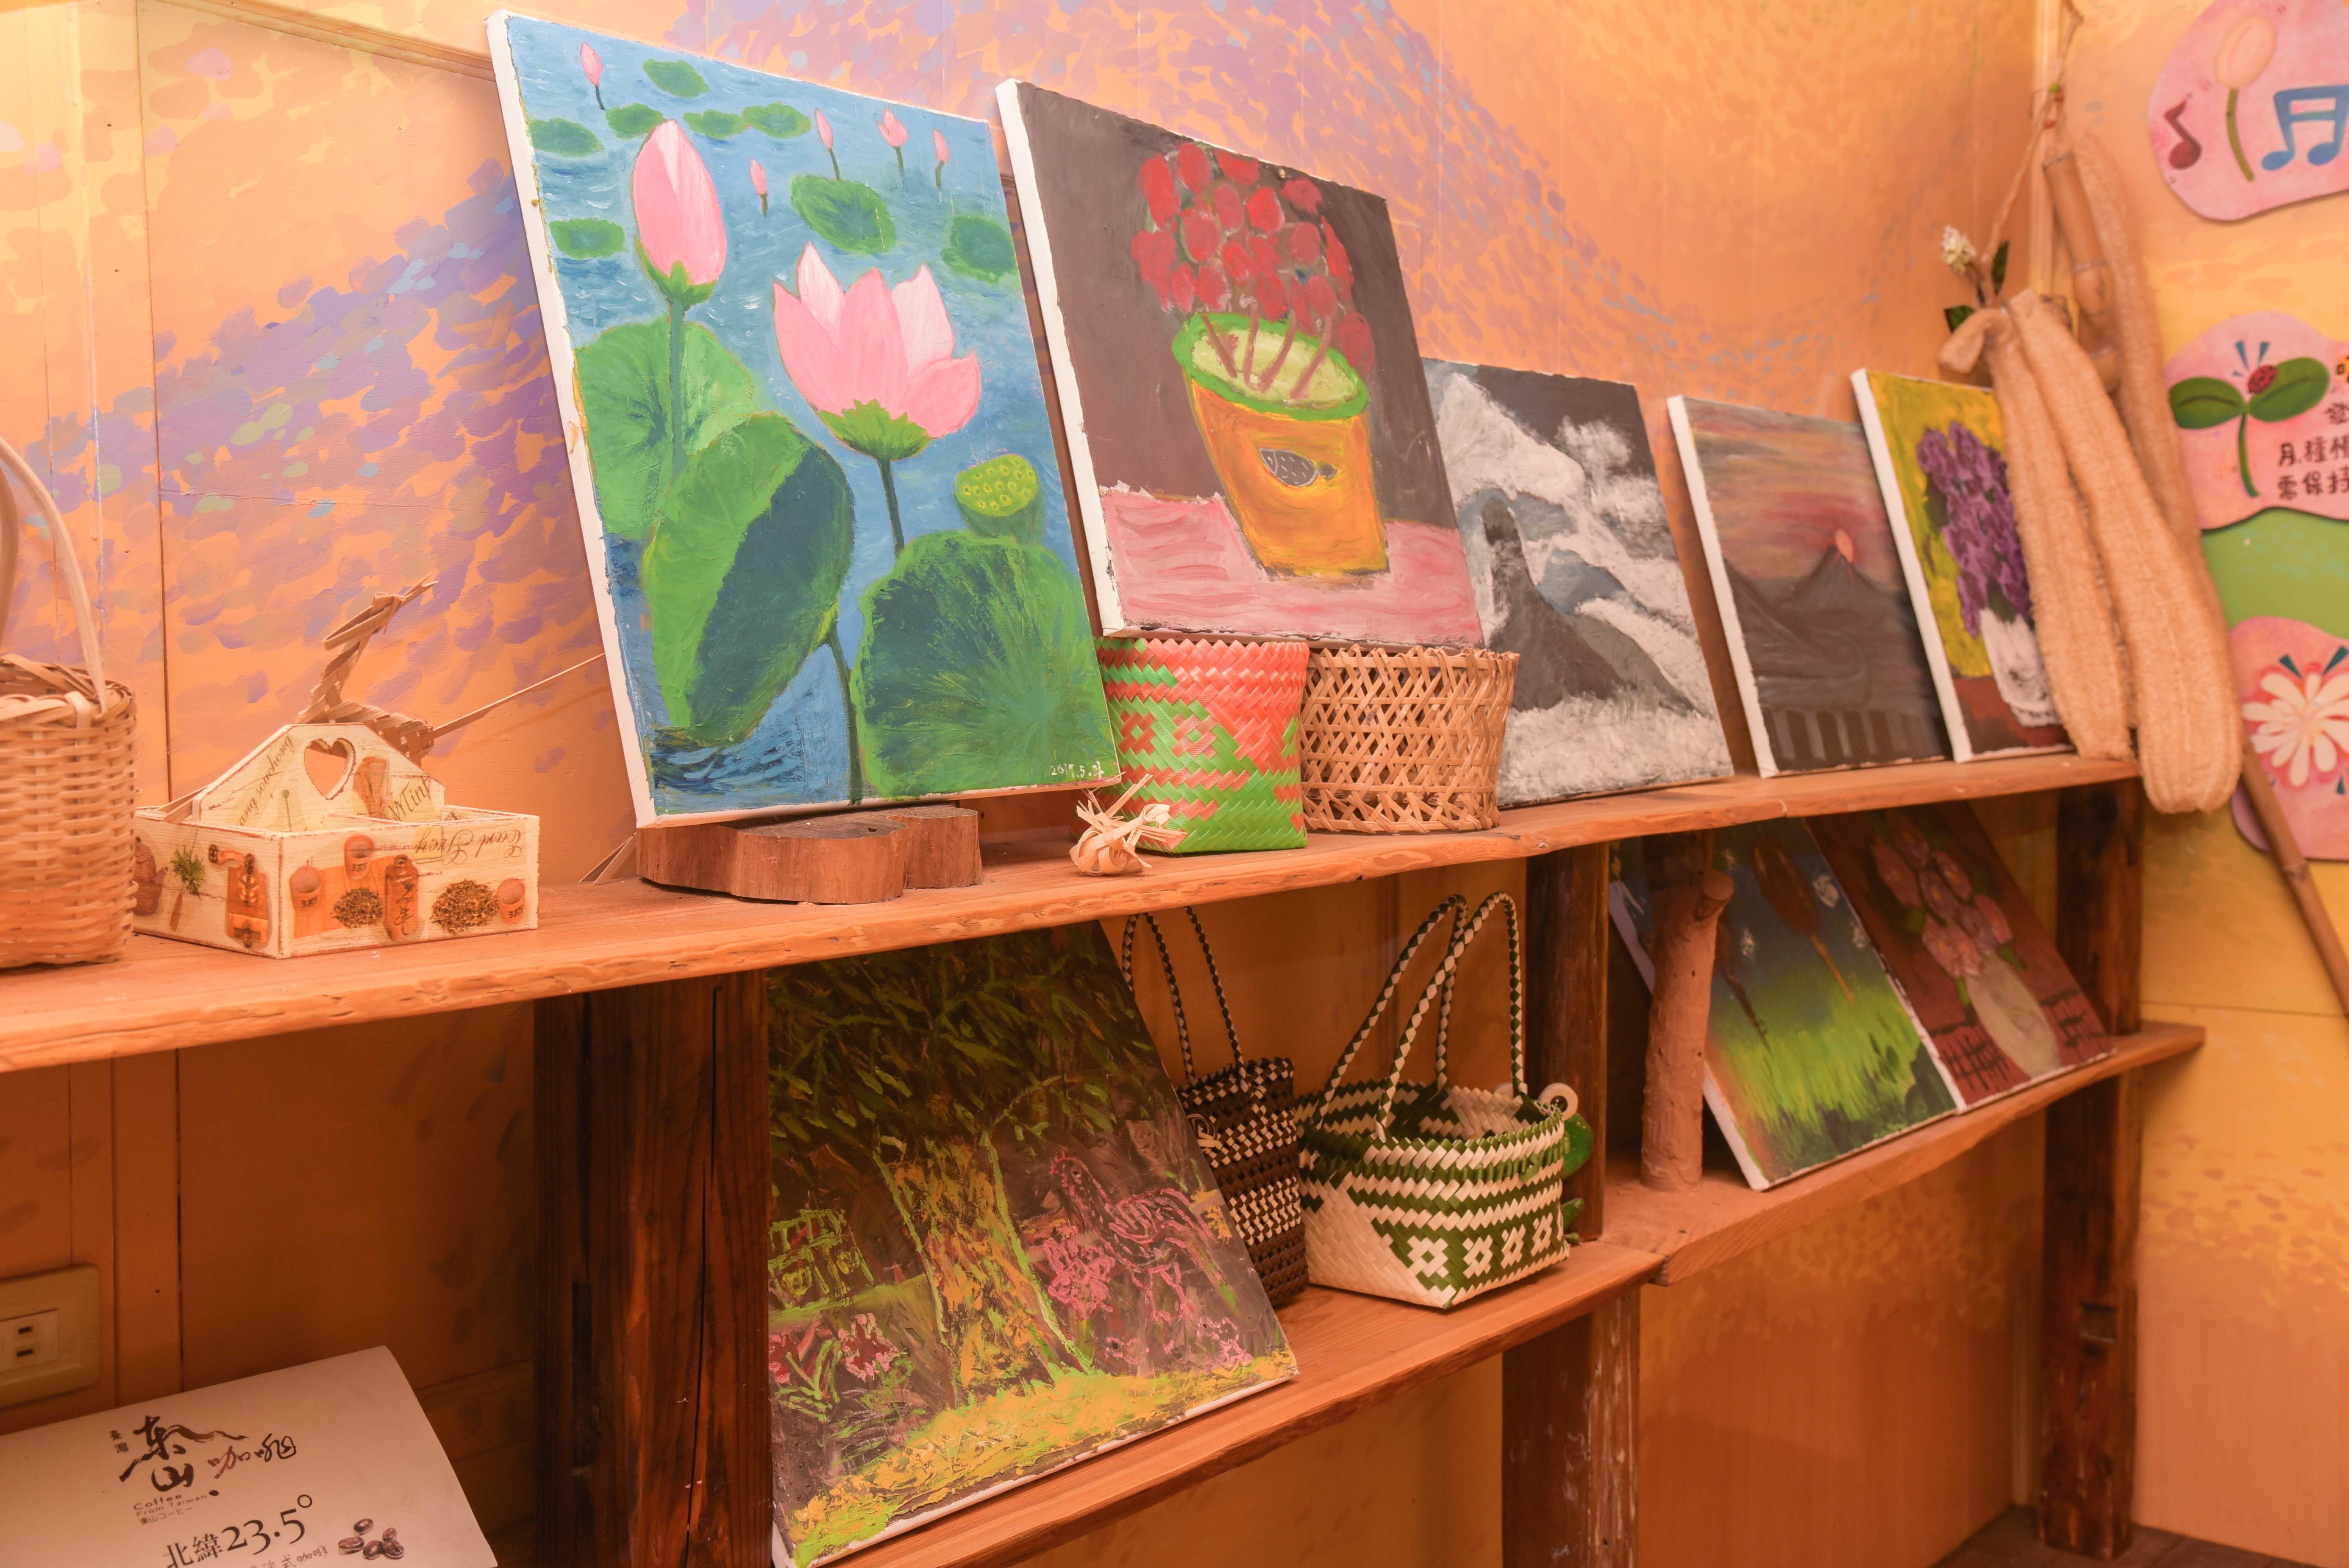 絵画の展示エリア